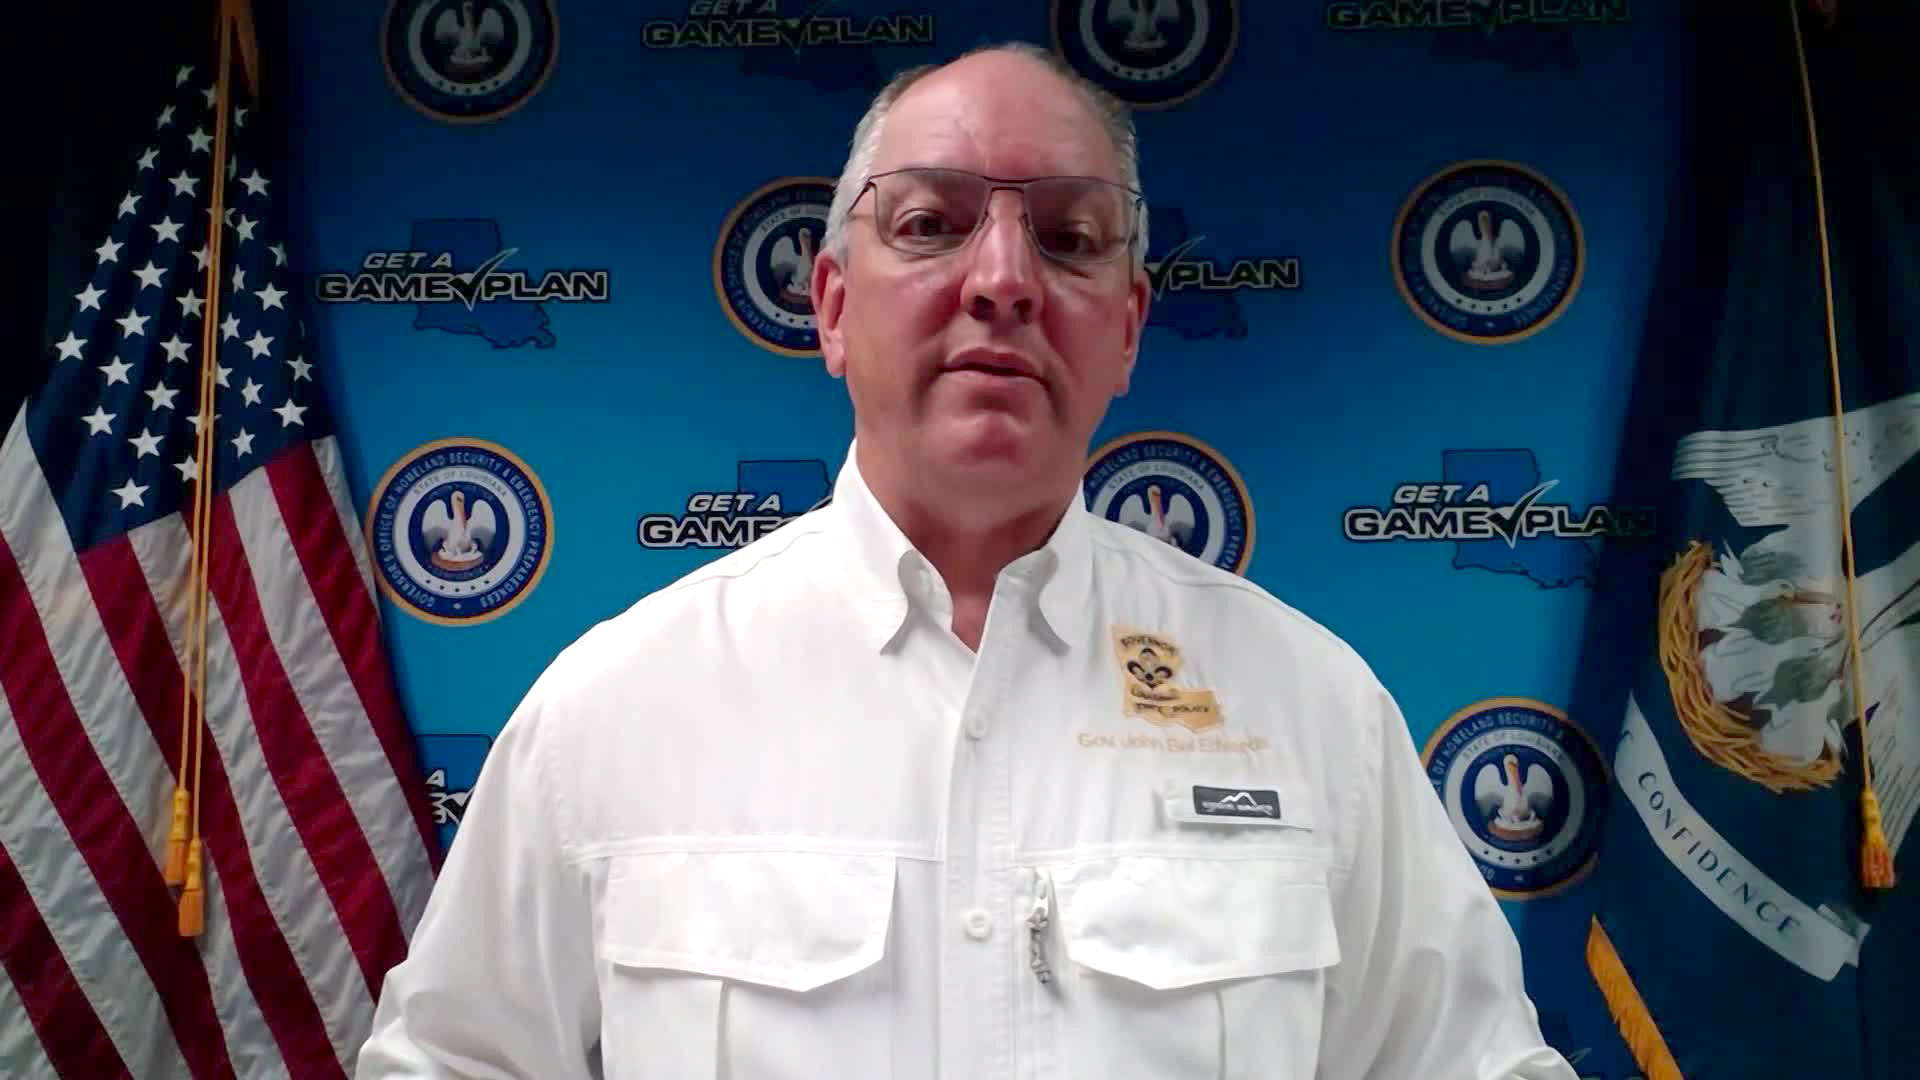 Louisiana Gov. John Bel Edwards speaks with CNN on Thursday, August 27.